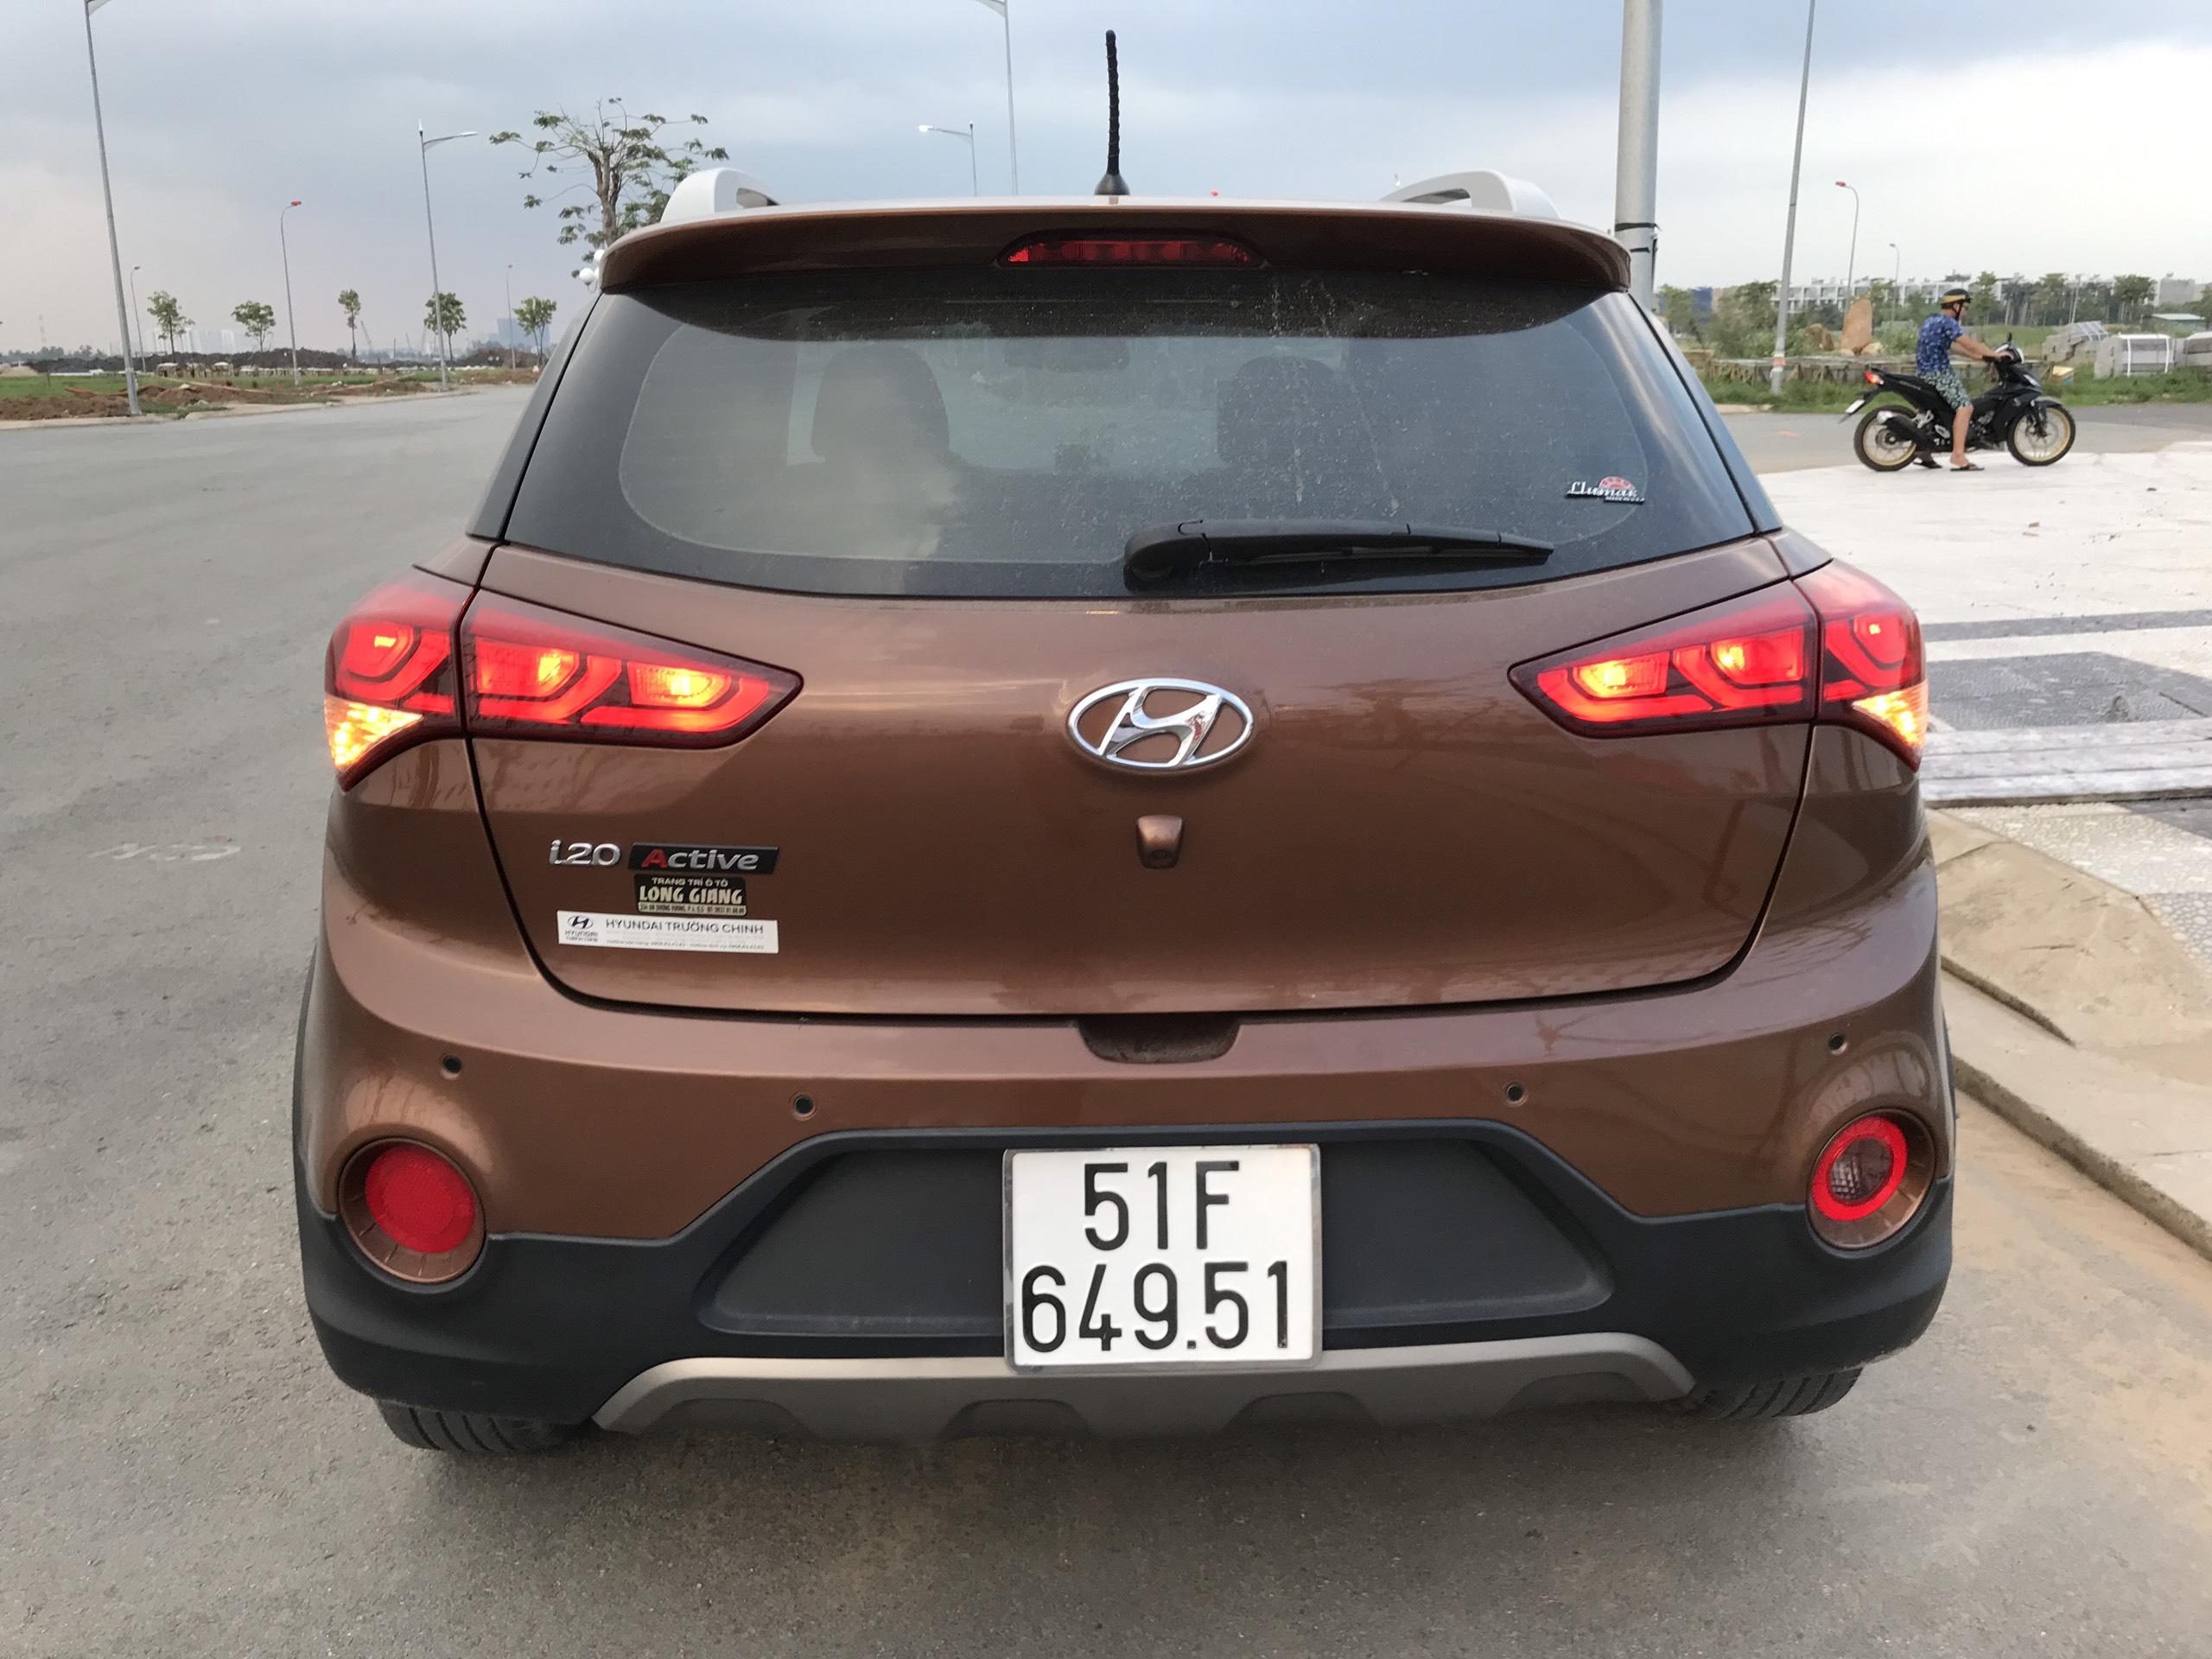 Bán Hyundai i20 Active 1.4AT màu nâu titan nhập Ấn Độ 2015 ĐK 2016 biển Sài Gòn đi đúng 33000km